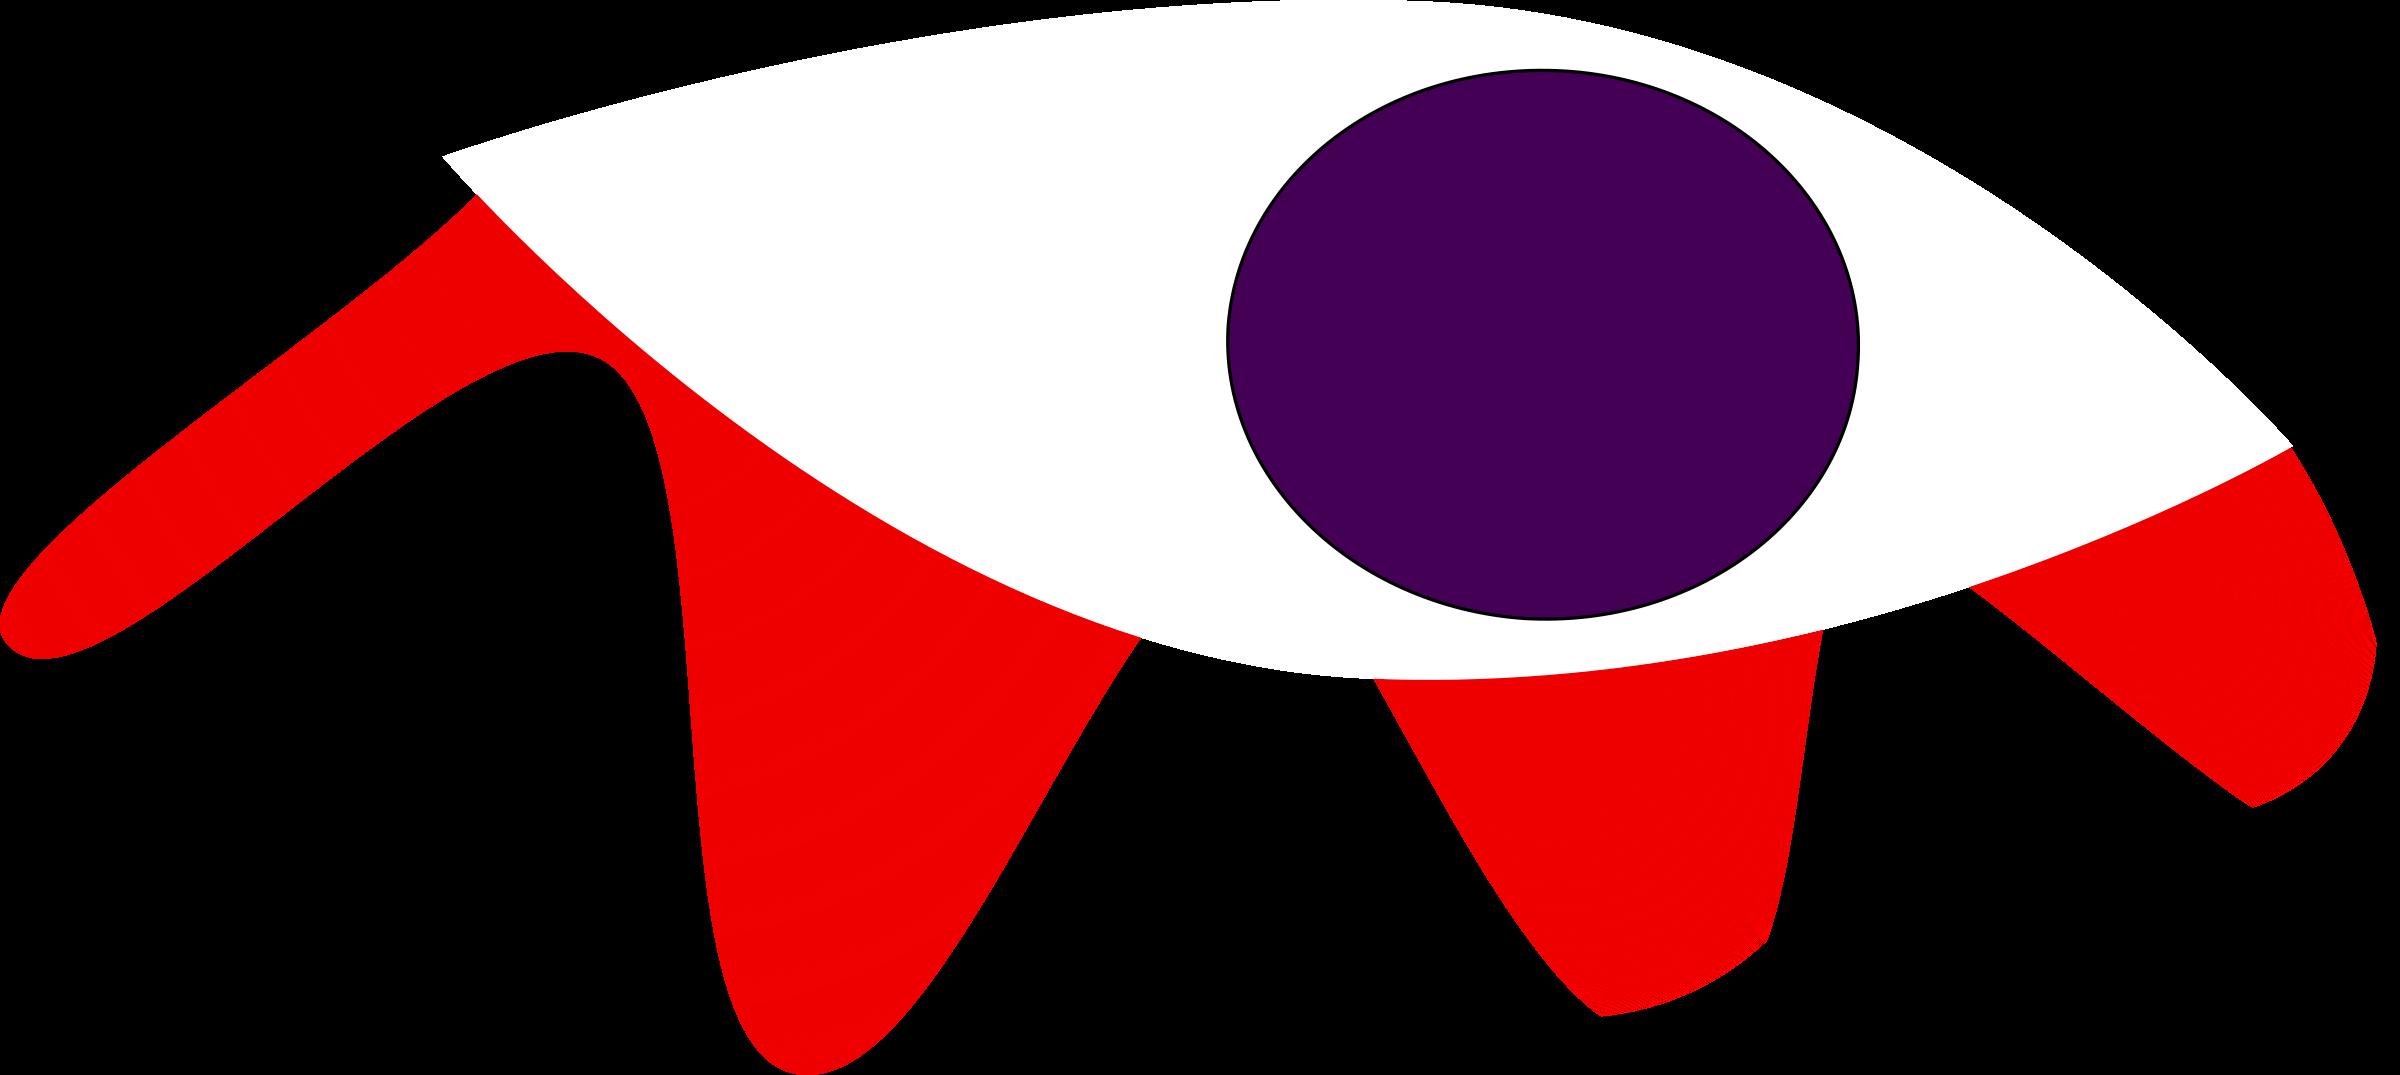 Eye clipart evil, Eye evil Transparent FREE for download ...